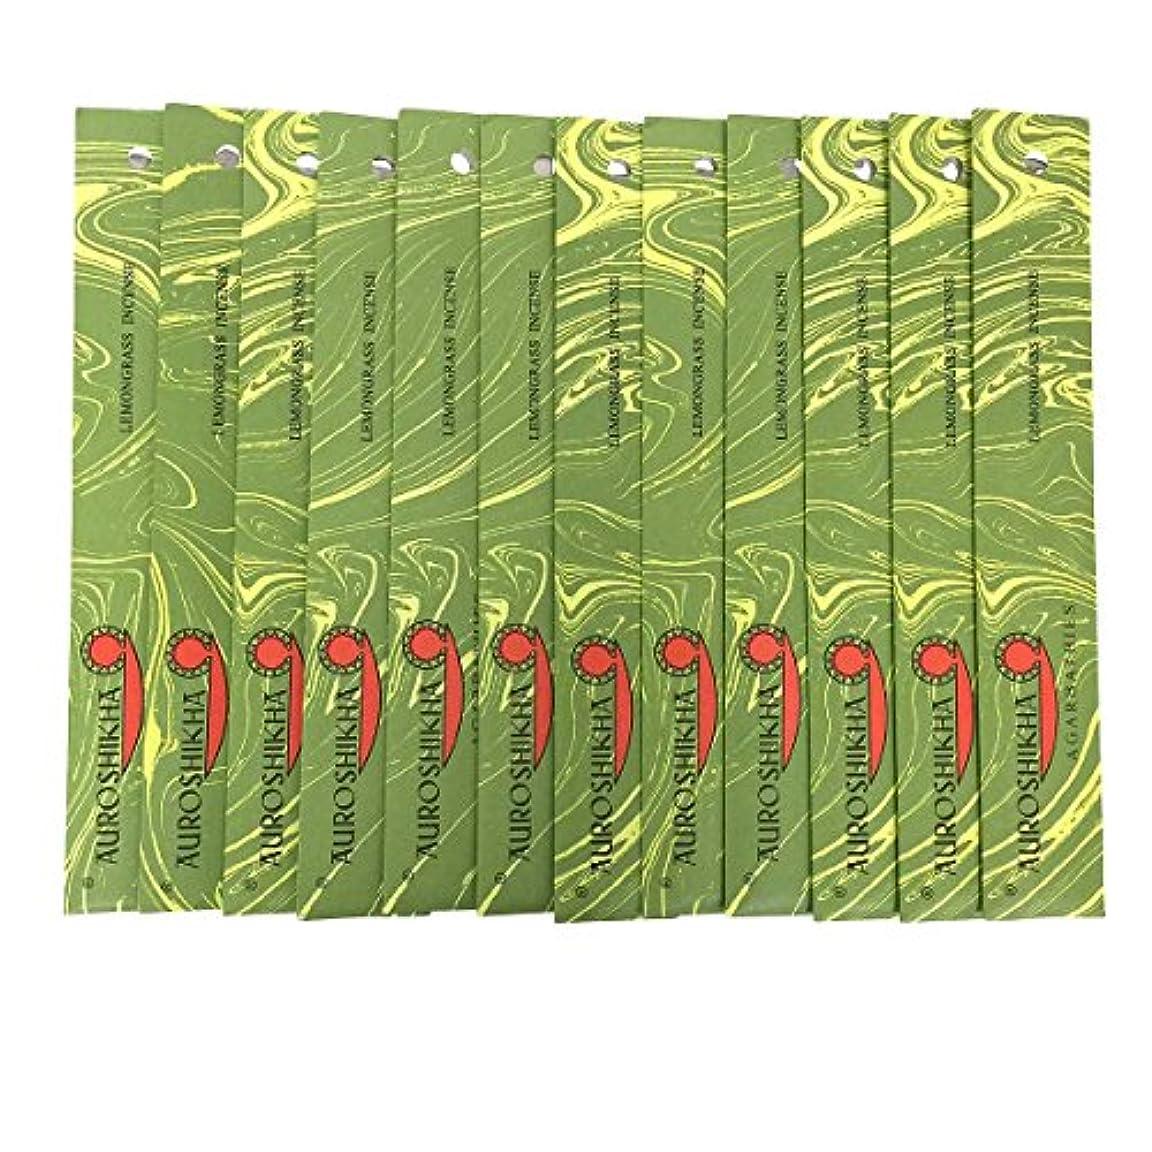 もの翻訳する弾力性のあるAUROSHIKHA オウロシカ(LEMONGRASSレモングラス12個セット) マーブルパッケージスティック 送料無料